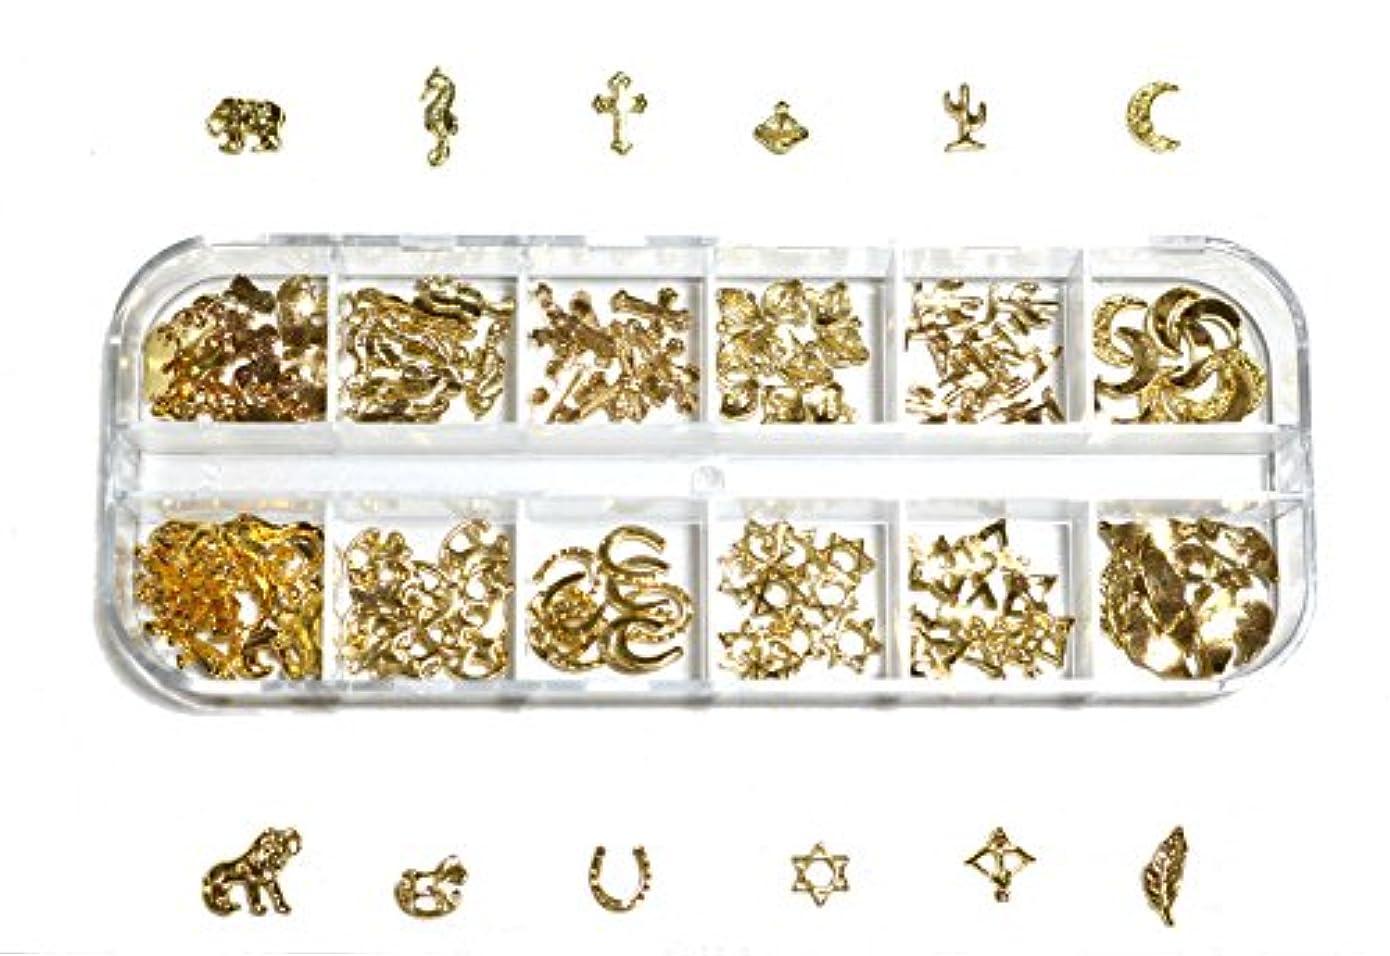 呼ぶピアパンツ【jewel】 ゴールドorシルバー メタルパーツ 12種類 各10個入り カラー選択可能☆ (ゴールド)